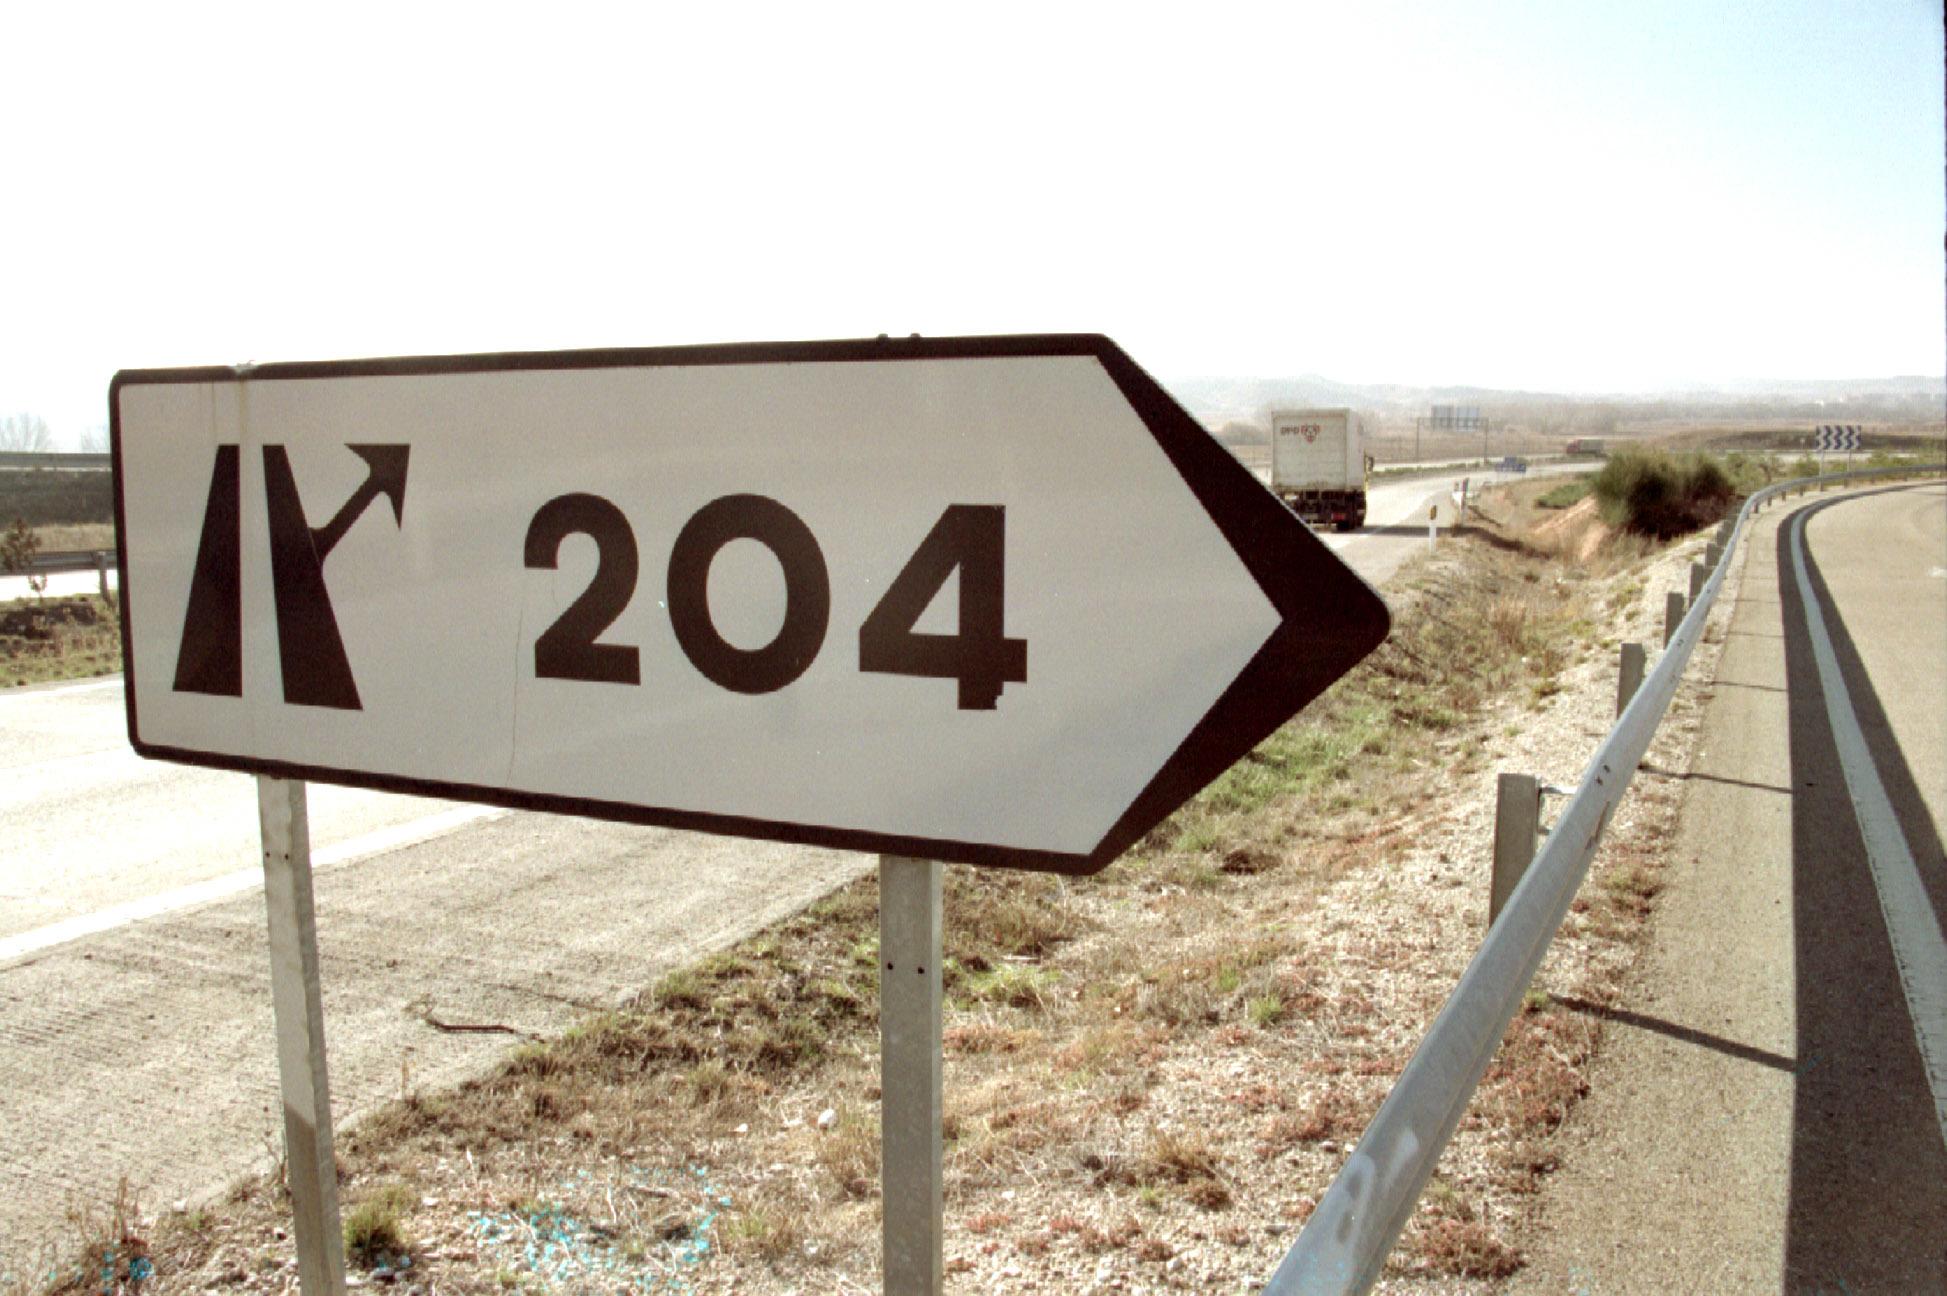 Señalización del kilómetro 204 de la carretera Nacional II, a la altura de Calatayud, Zaragoza.